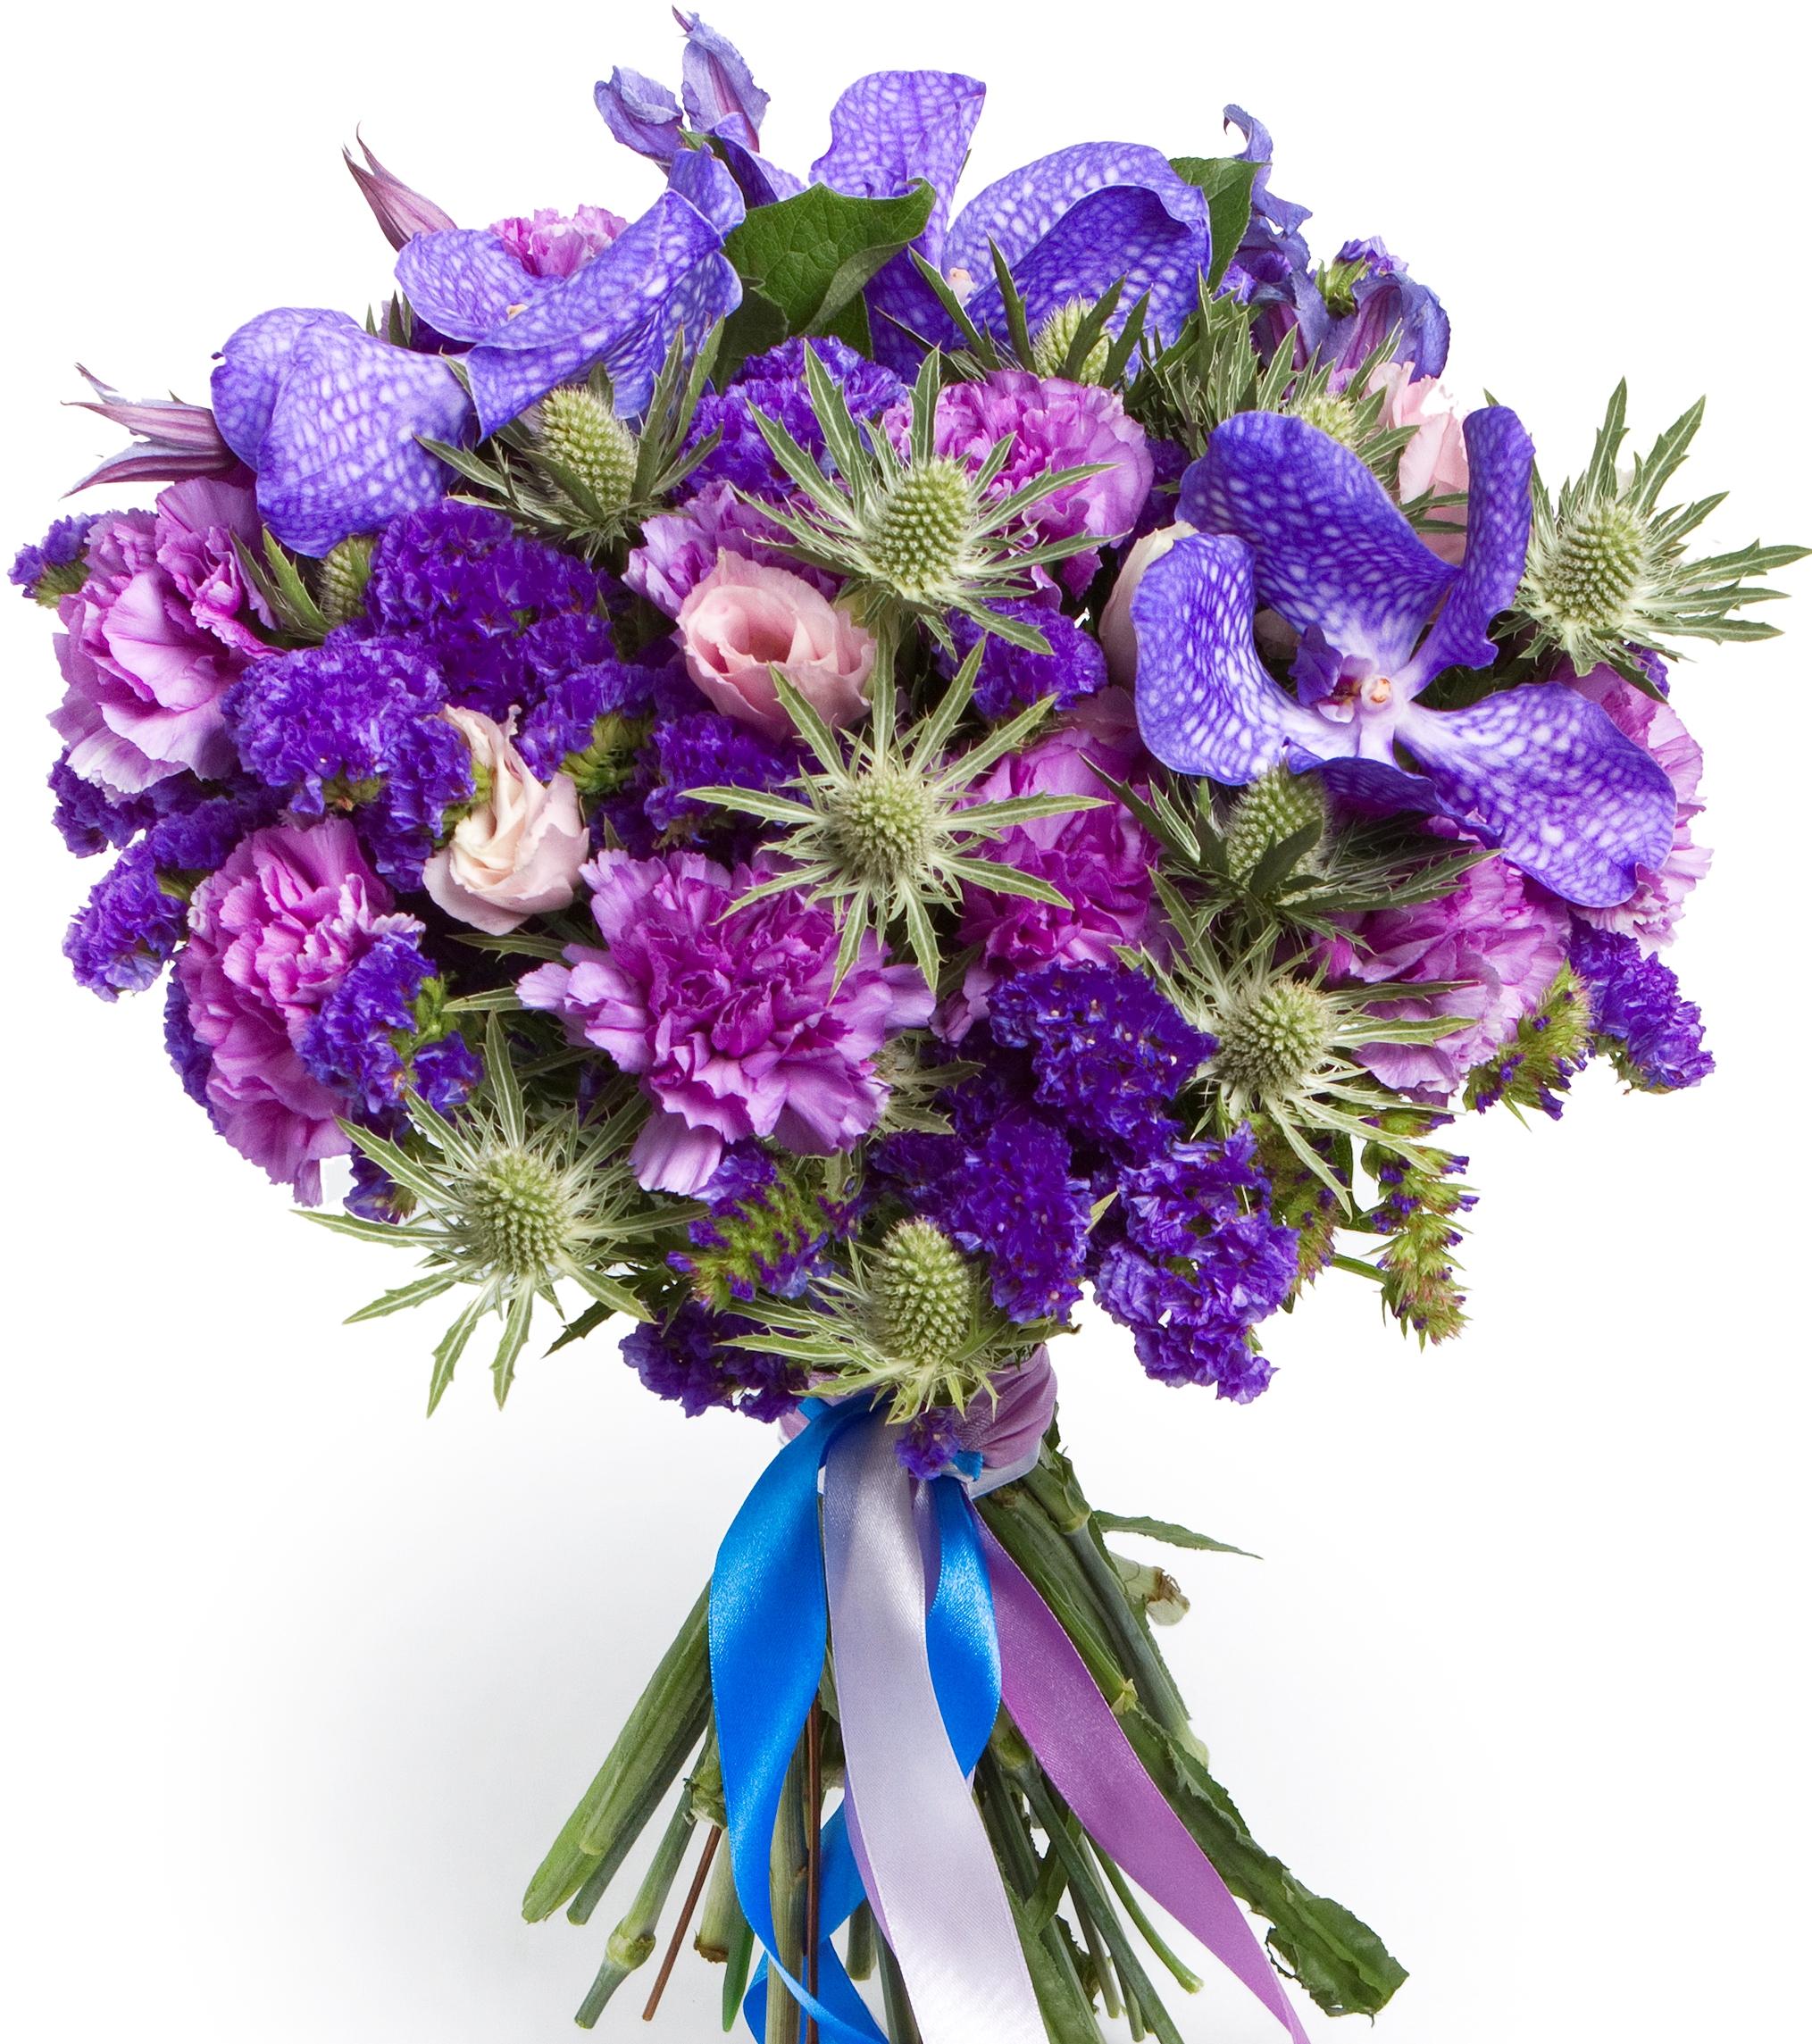 Ультрамарин<br>Ингредиенты: Орхидея ванда синяя 3 шт, Статица 5 шт, Гвоздика 10 шт, Эустома 3 шт, Эрингиум 4 шт, Клематис 2 шт, Эвкалипт;